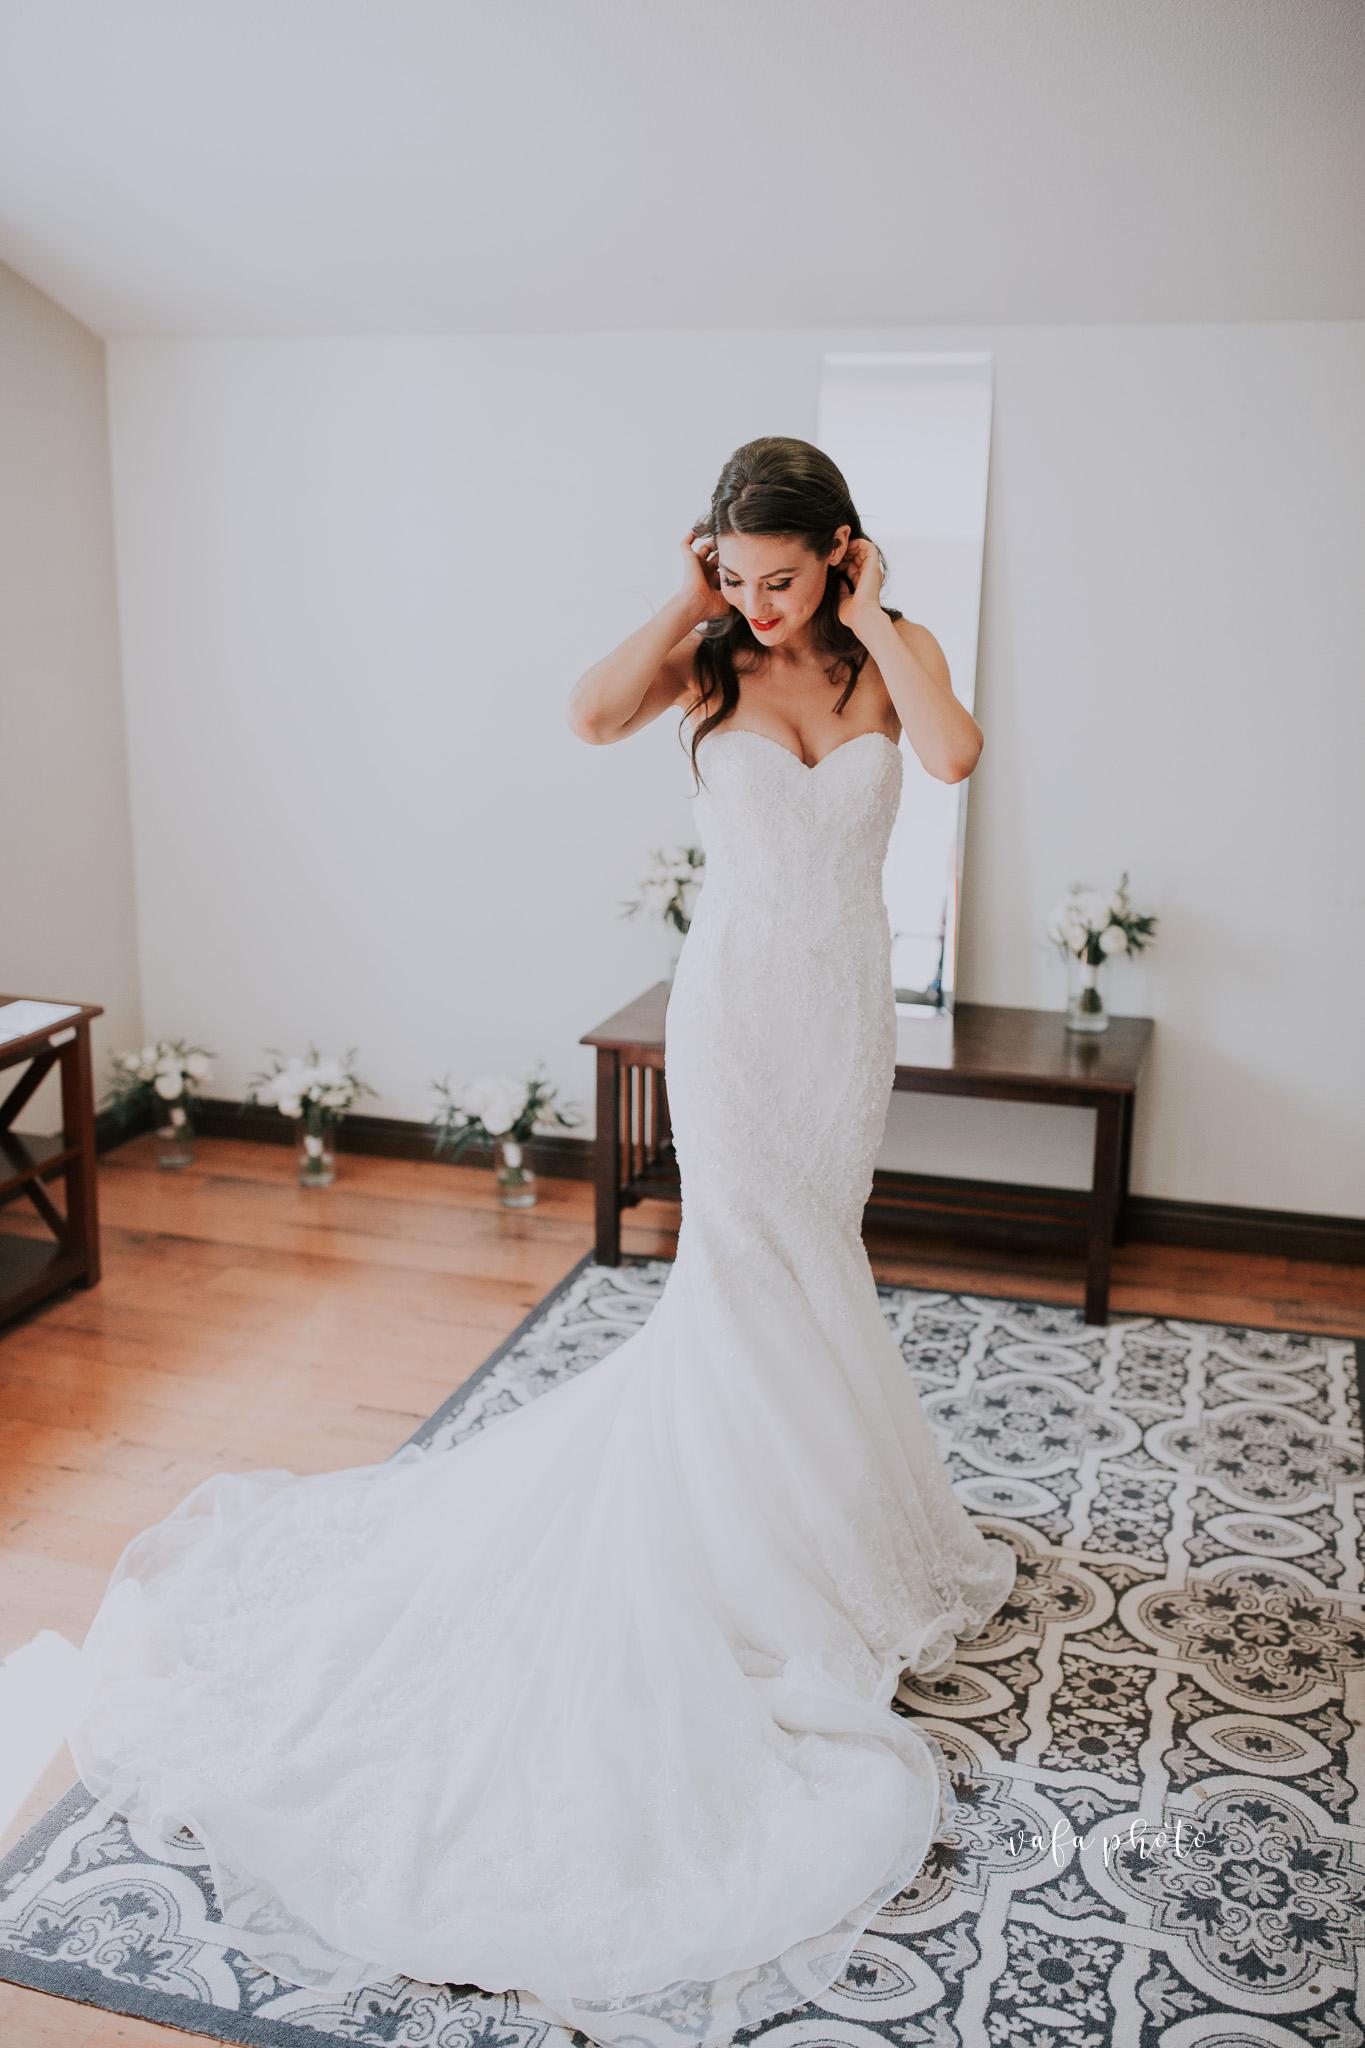 Southern-California-Wedding-Britt-Nilsson-Jeremy-Byrne-Vafa-Photo-90.jpg